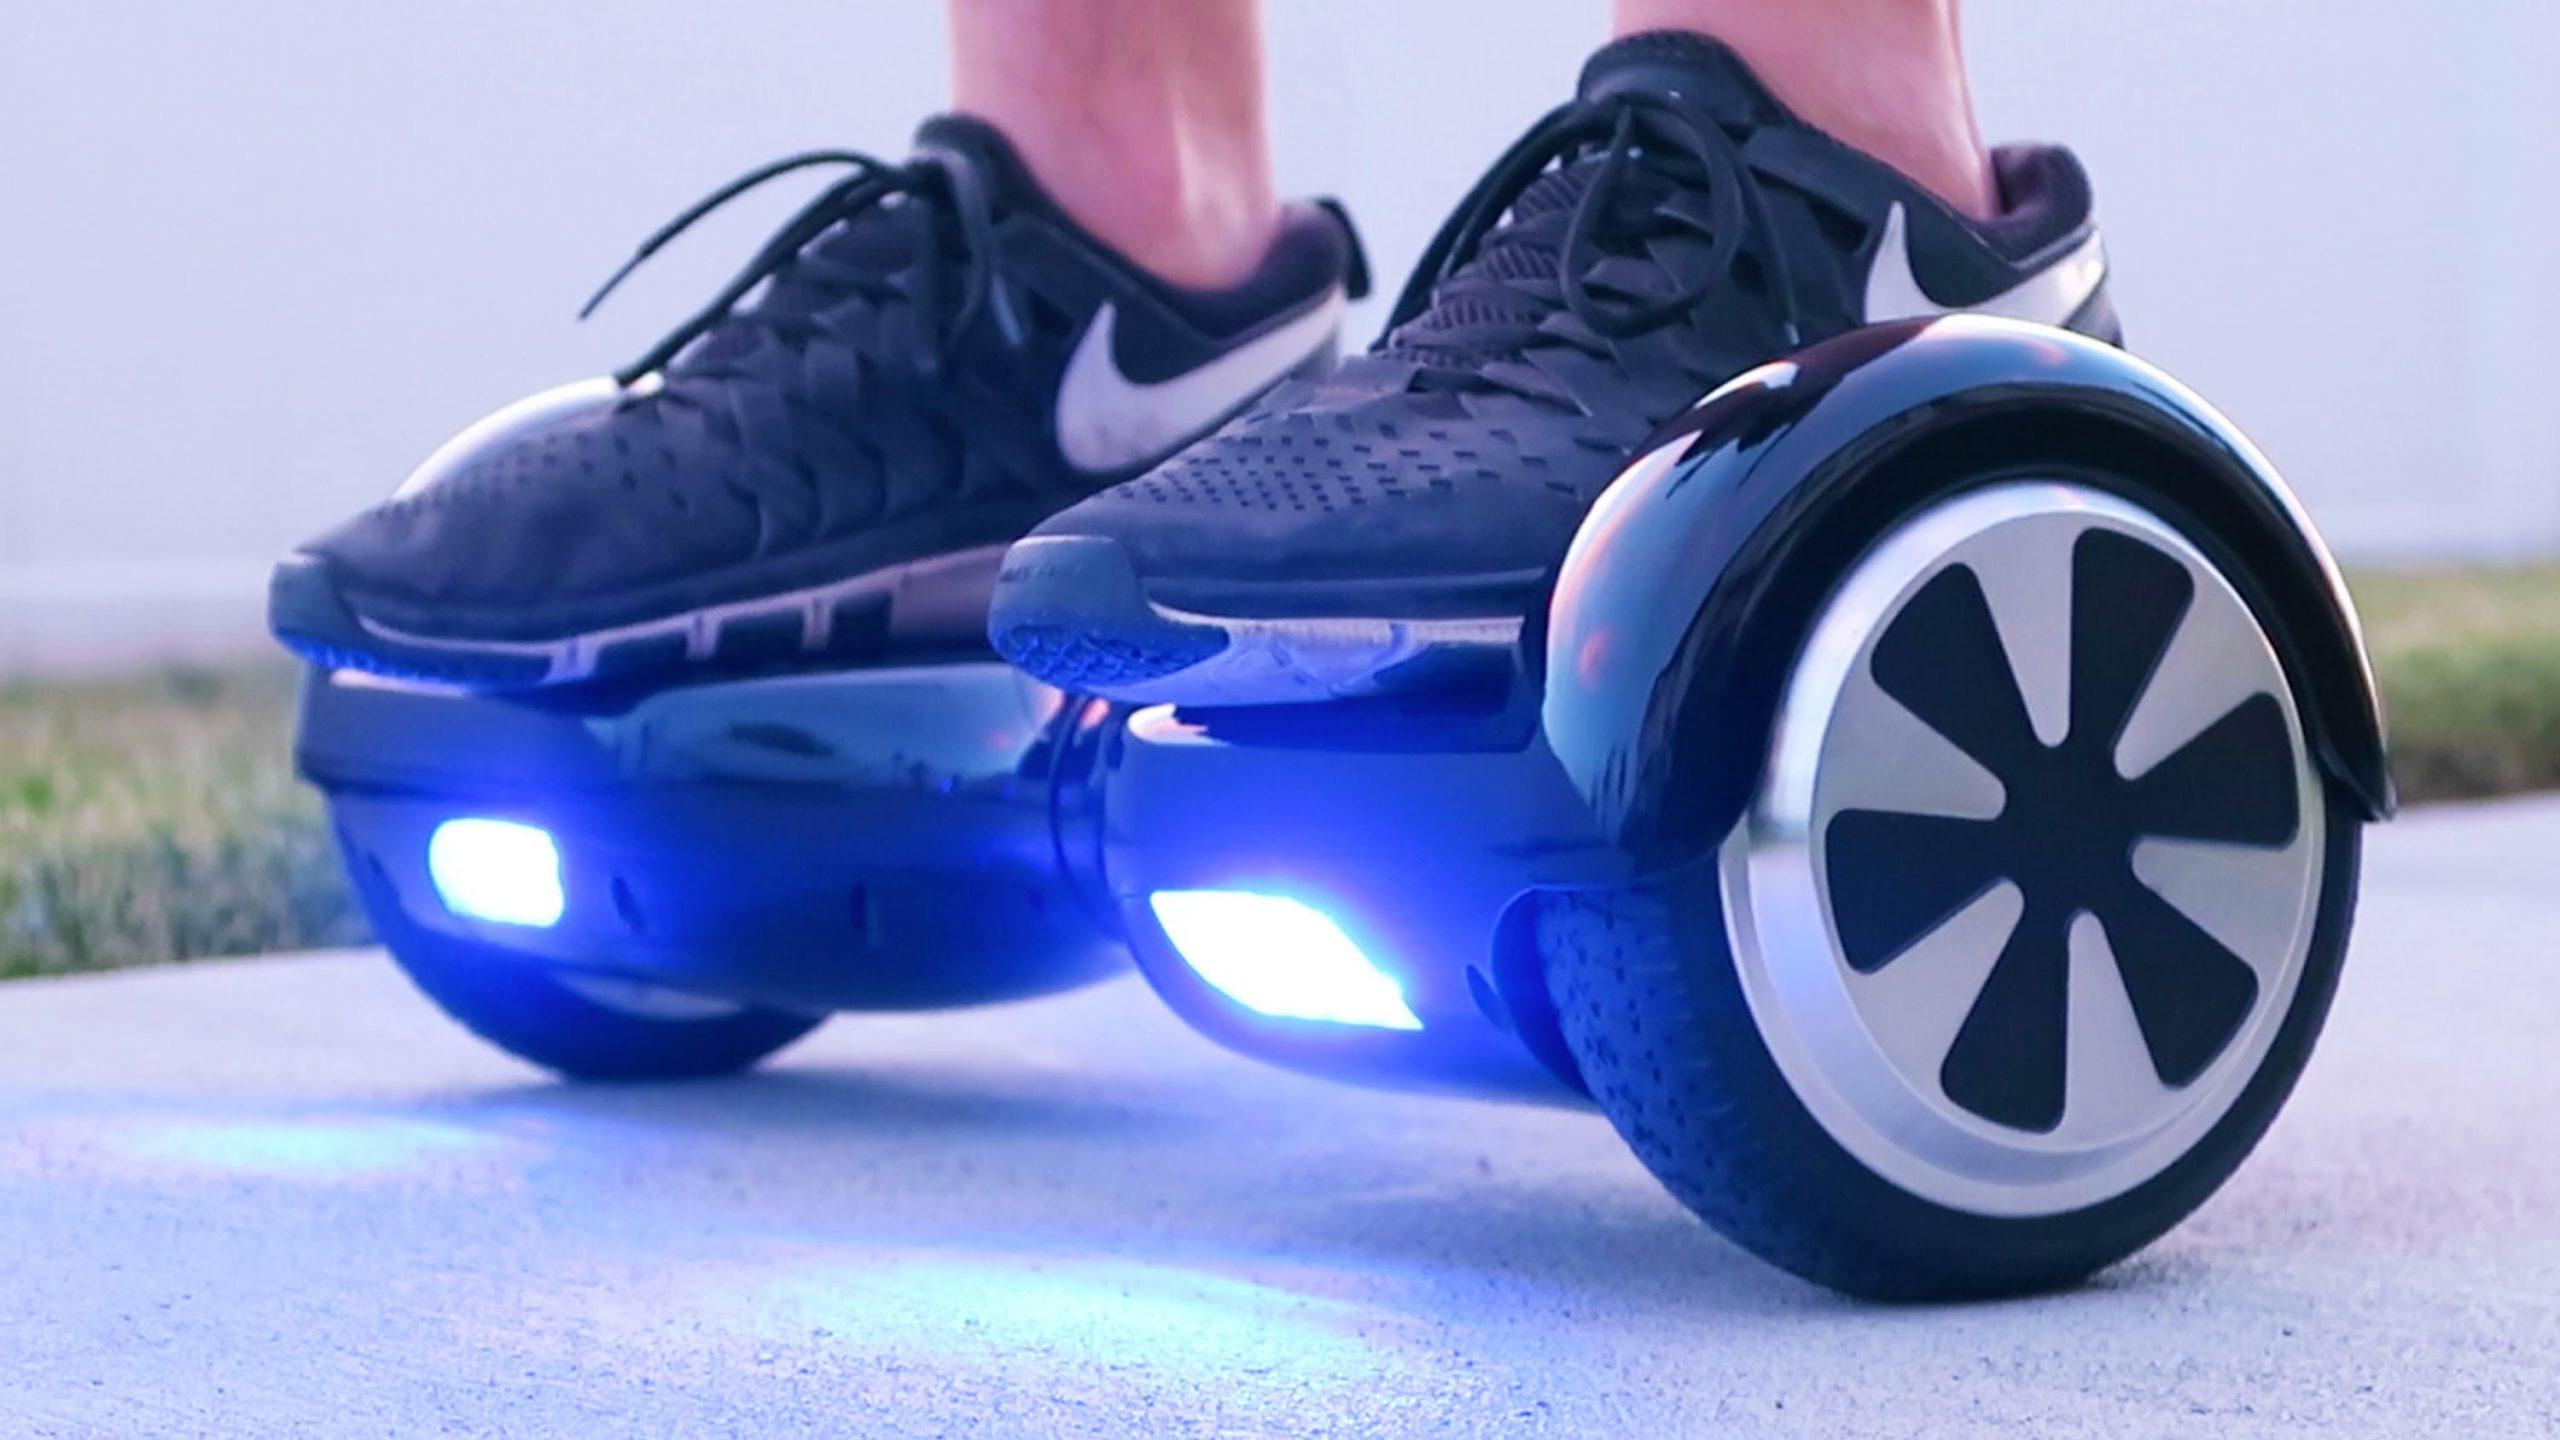 Hoverboard : Le moyen de transport écologique du futur